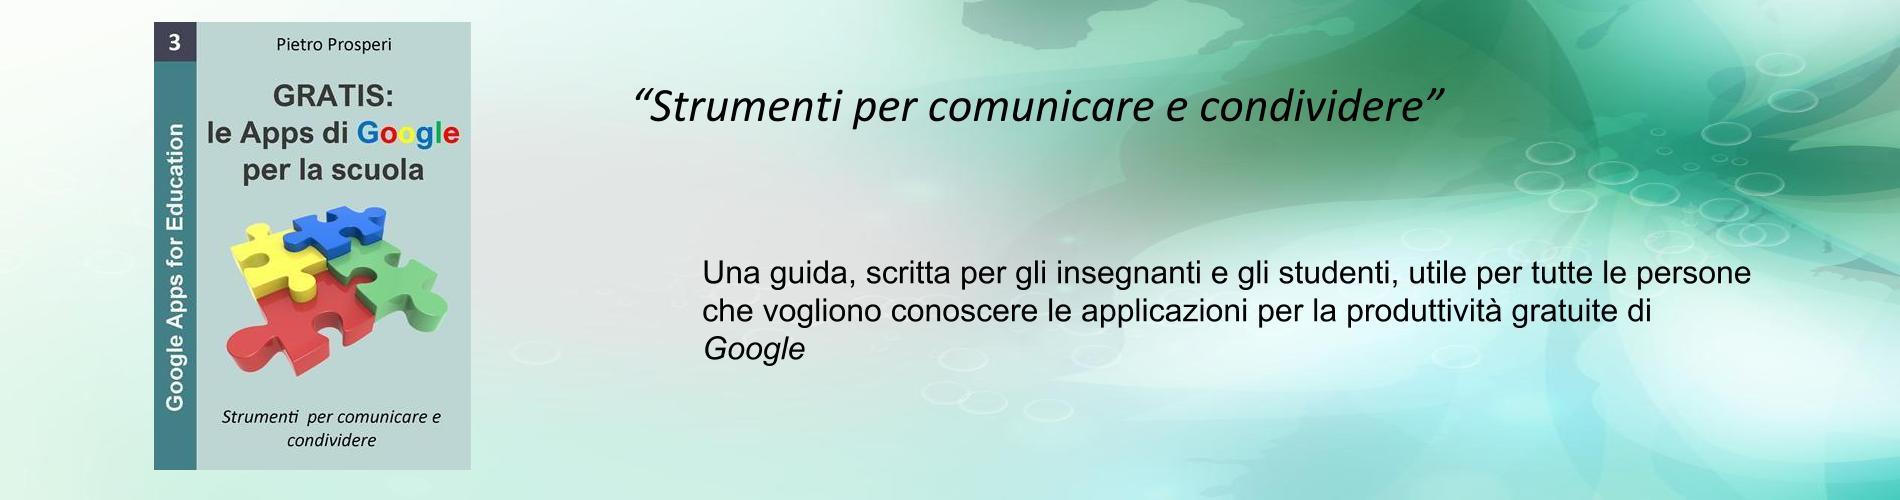 Le Apps gratuite di Google